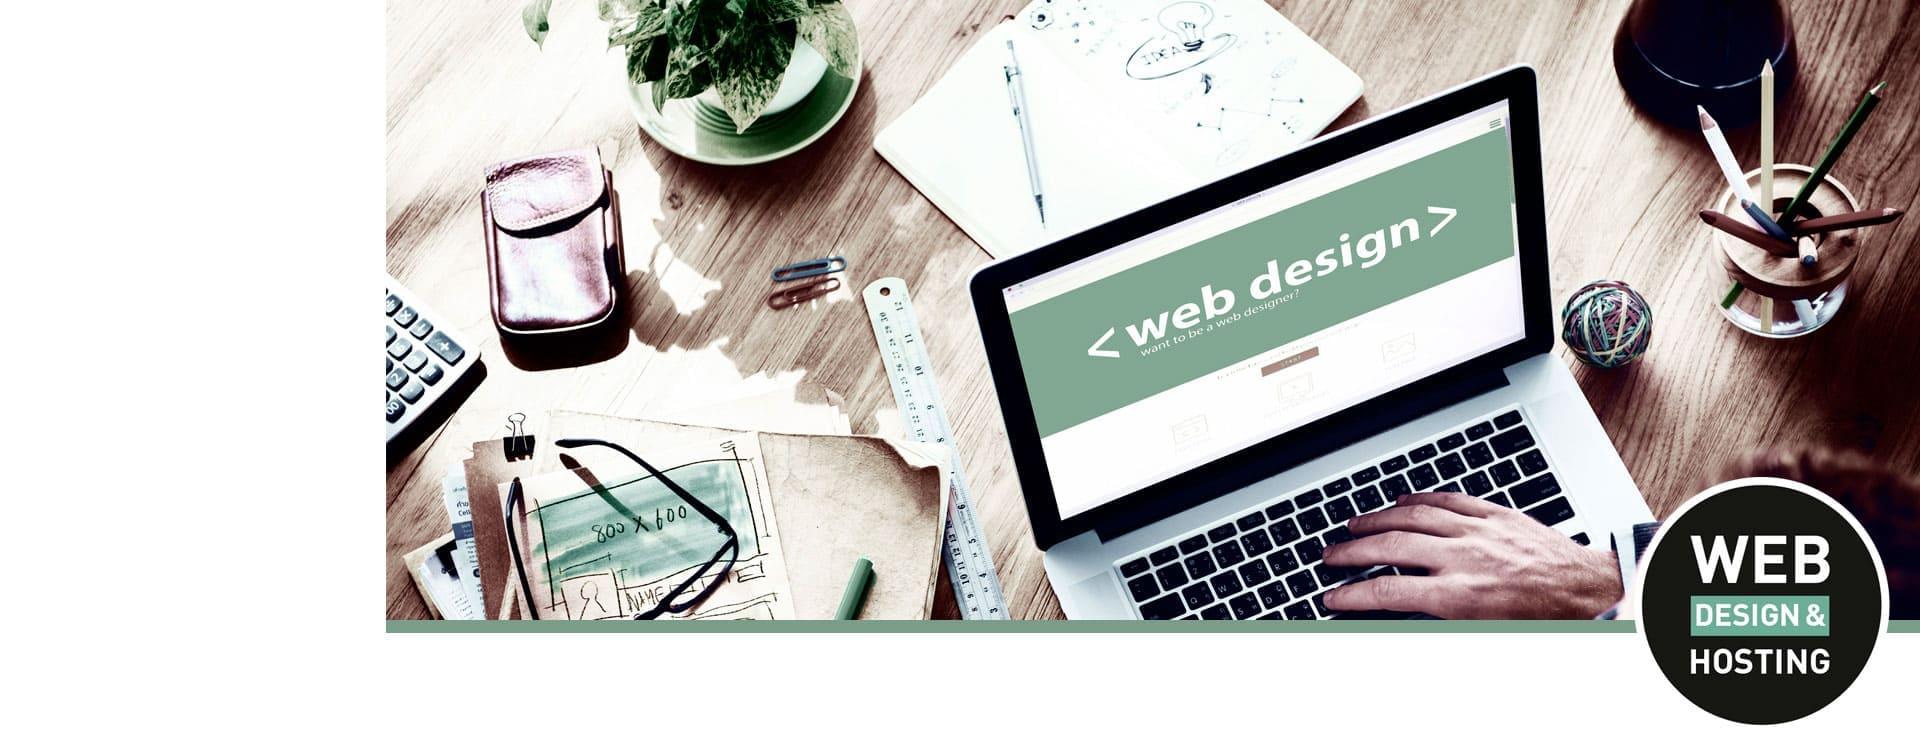 Notebook mit Motiv Design auf Schreibtisch Webdesign Rinteln